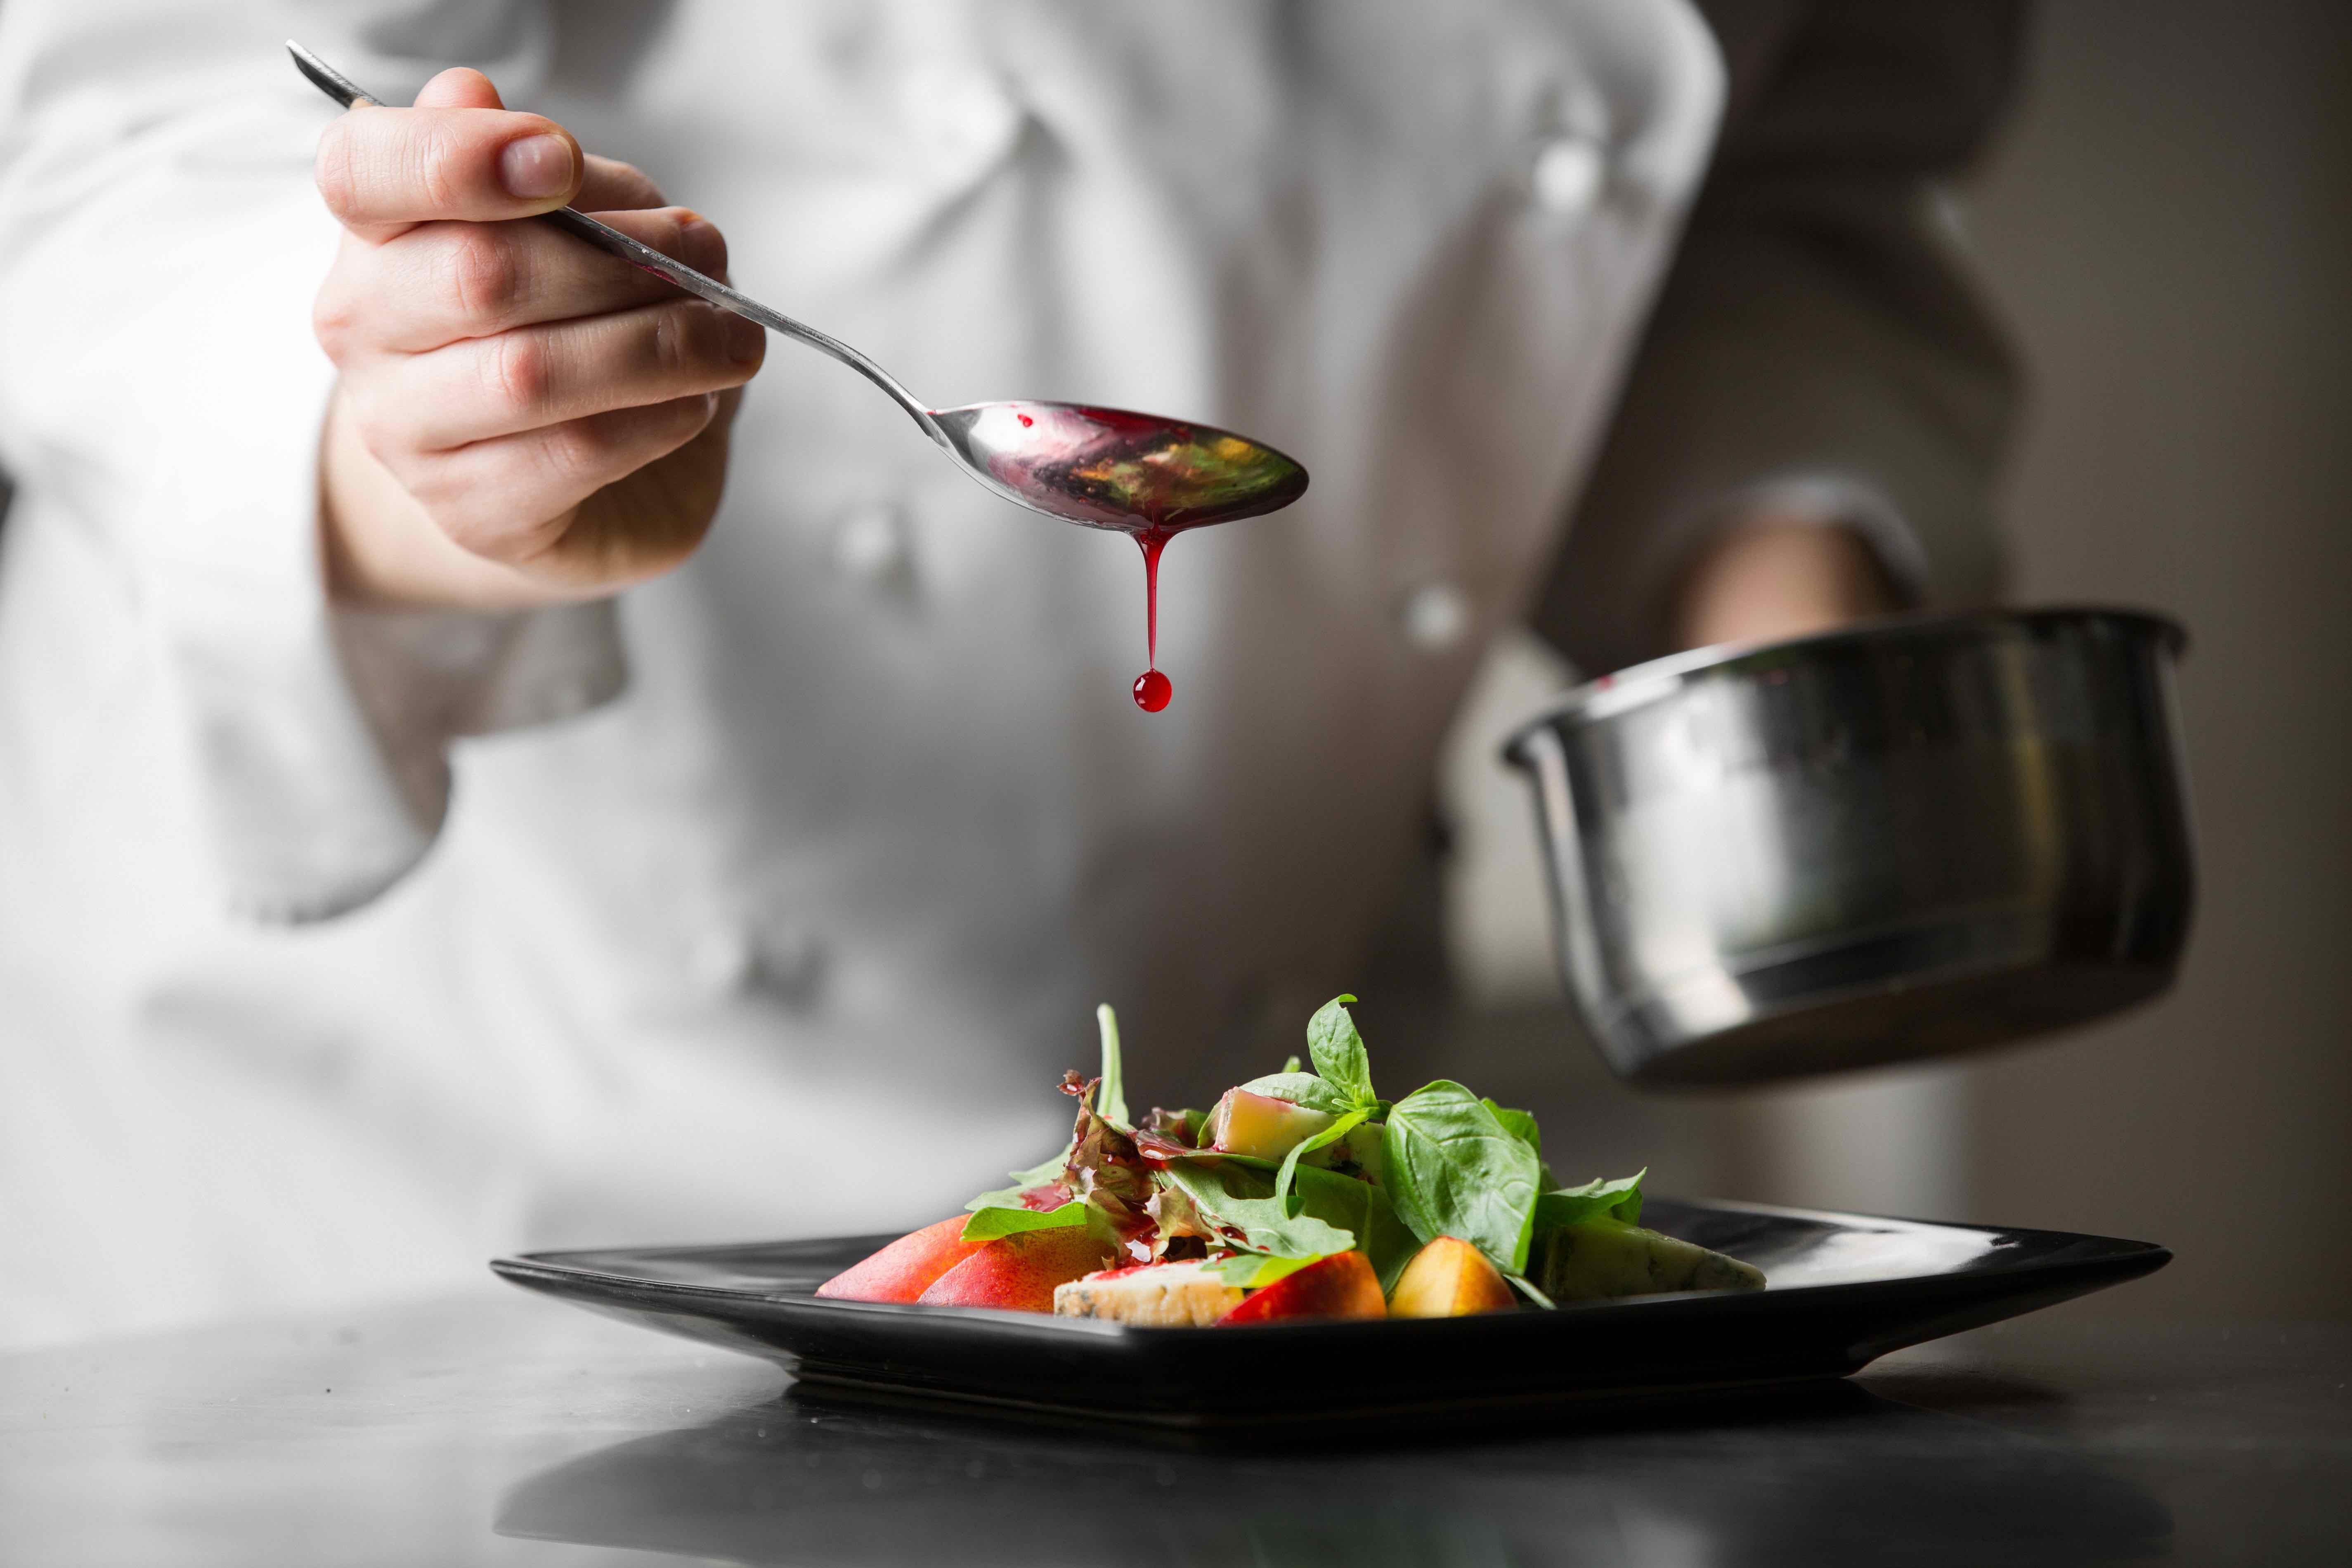 Koch beim Anrichten eines Gerichtes.